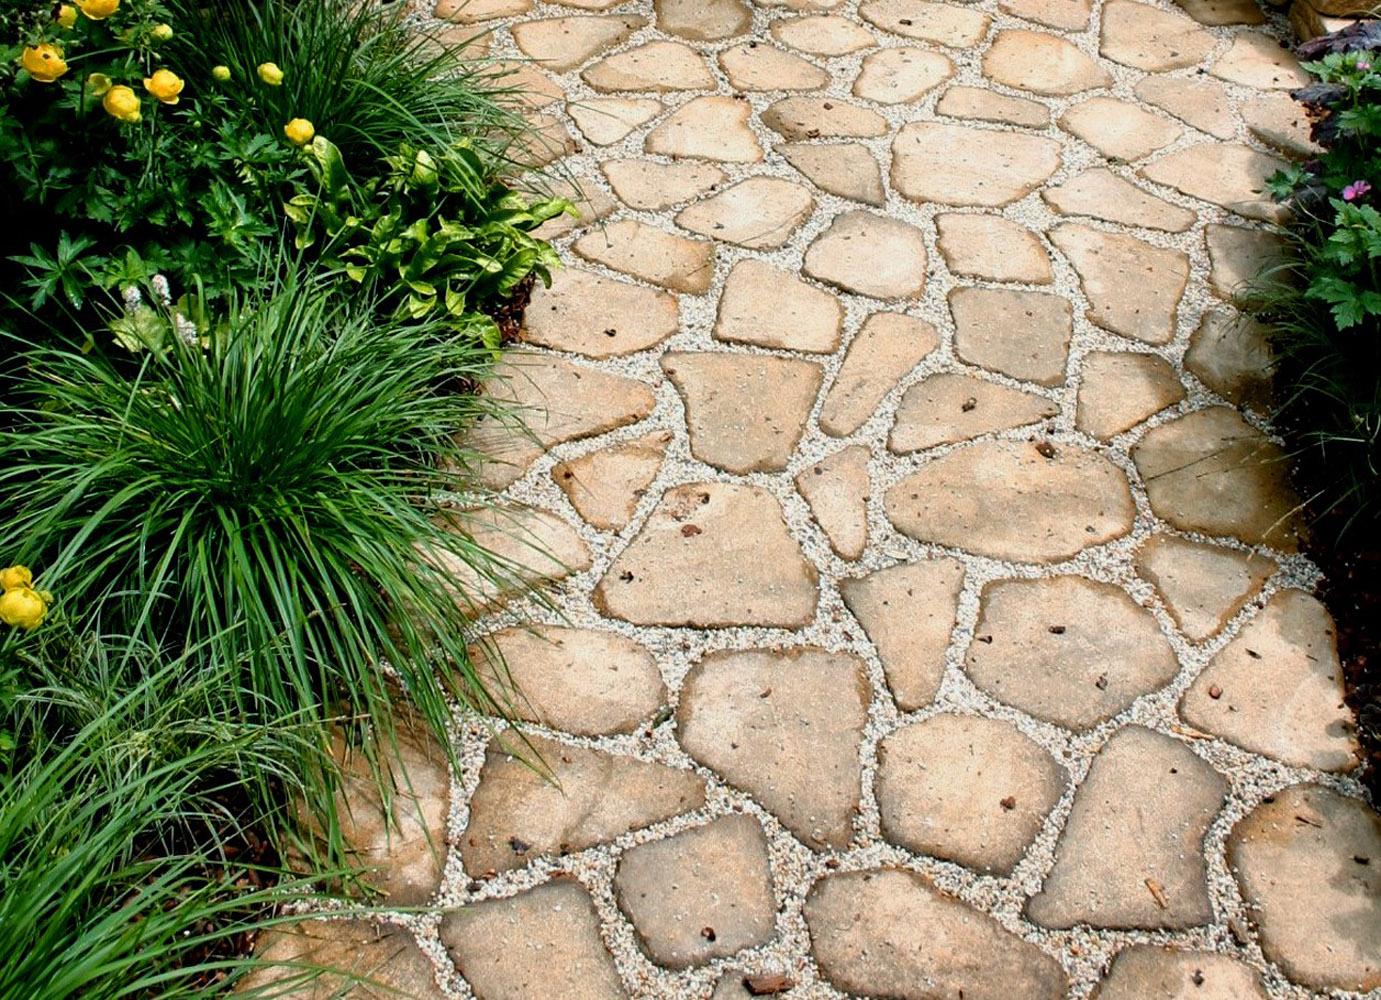 Уникальное мощение дорожек природным камнем - это ценный элемент дизайна, который создает гармонию между дачником и окружающим его ландшафтом